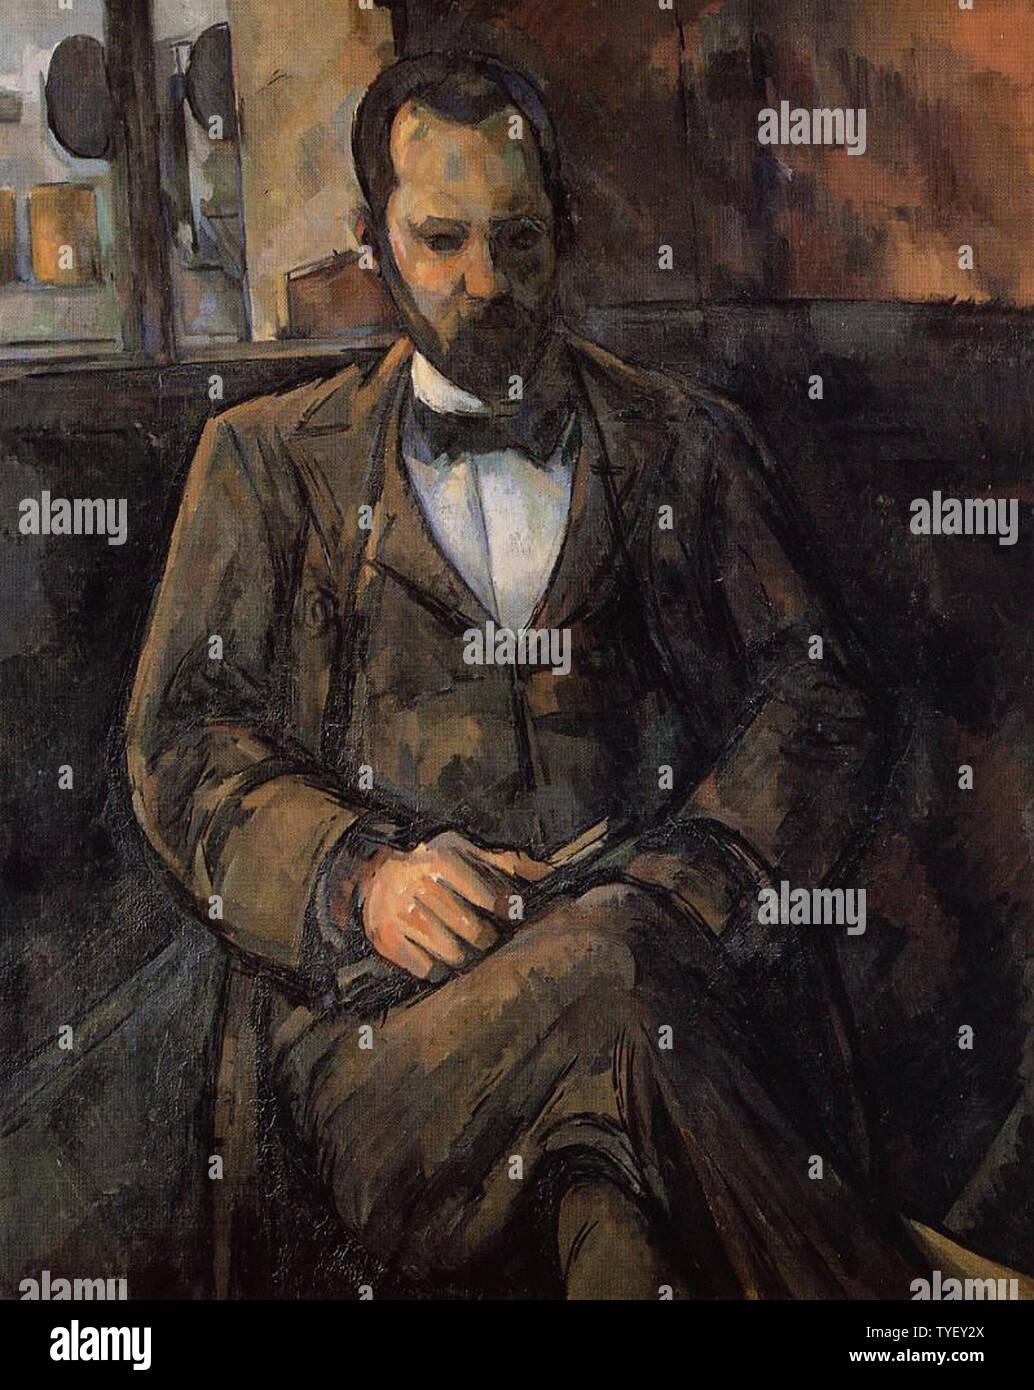 Paul Cézanne - Portrait Ambroise Vollard 1899 - Stock Image